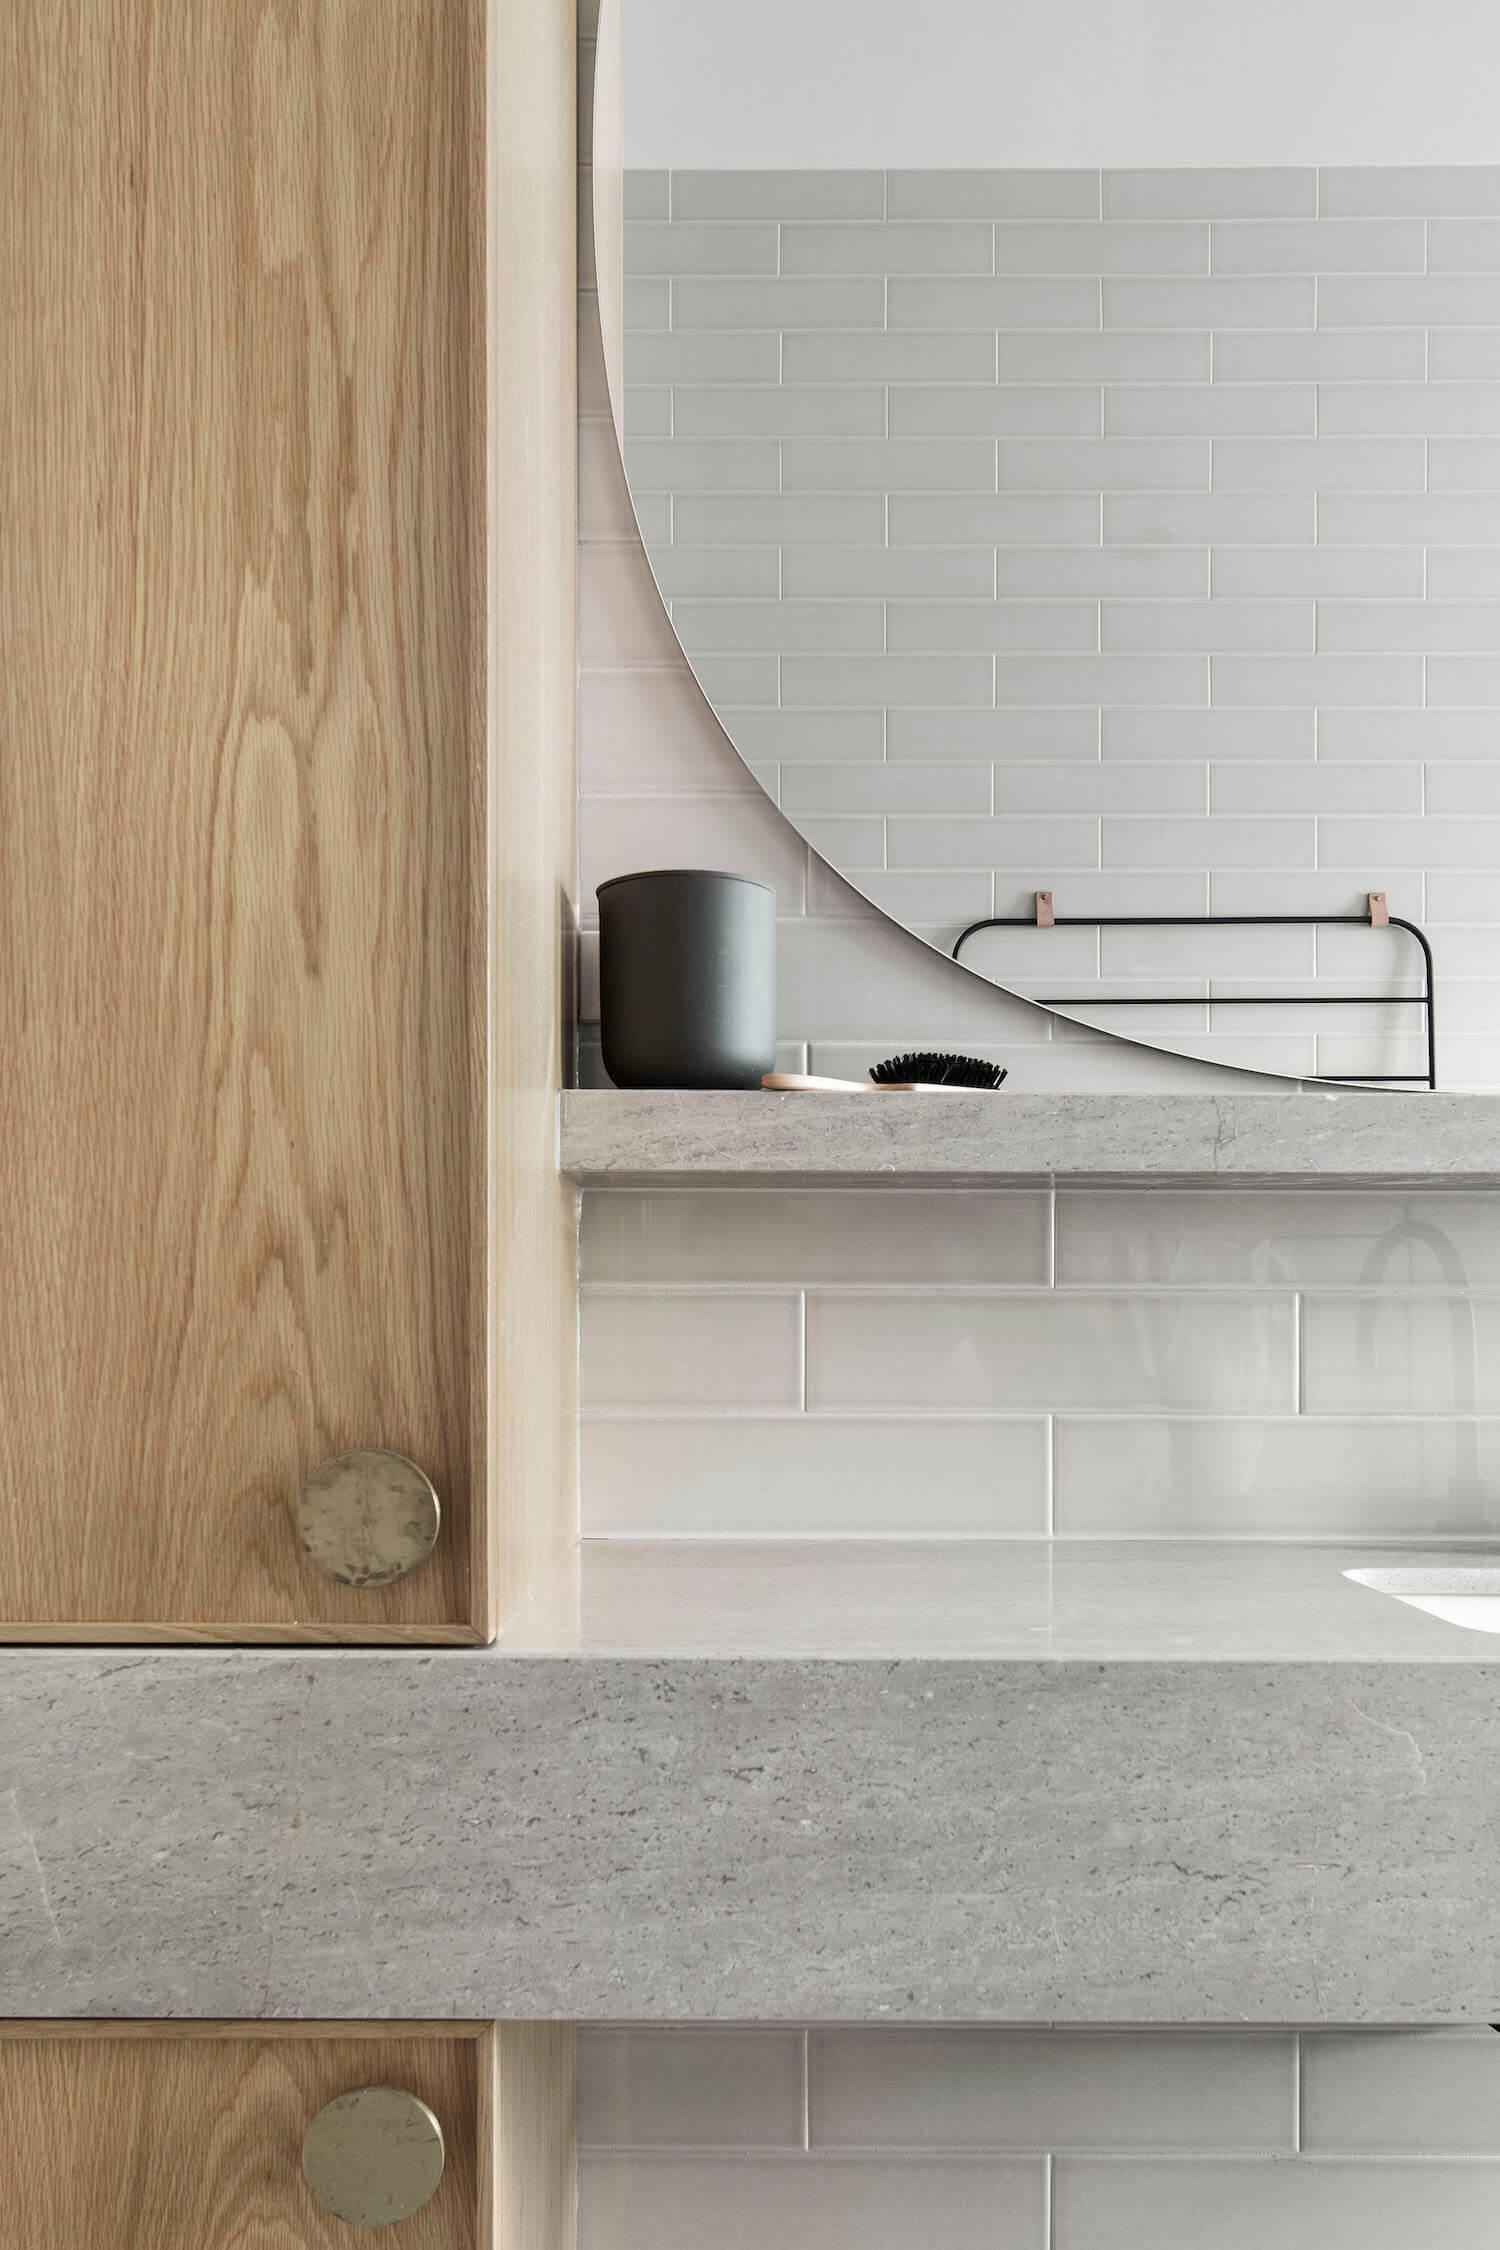 est living australian interiors cjh design rosebery home 3